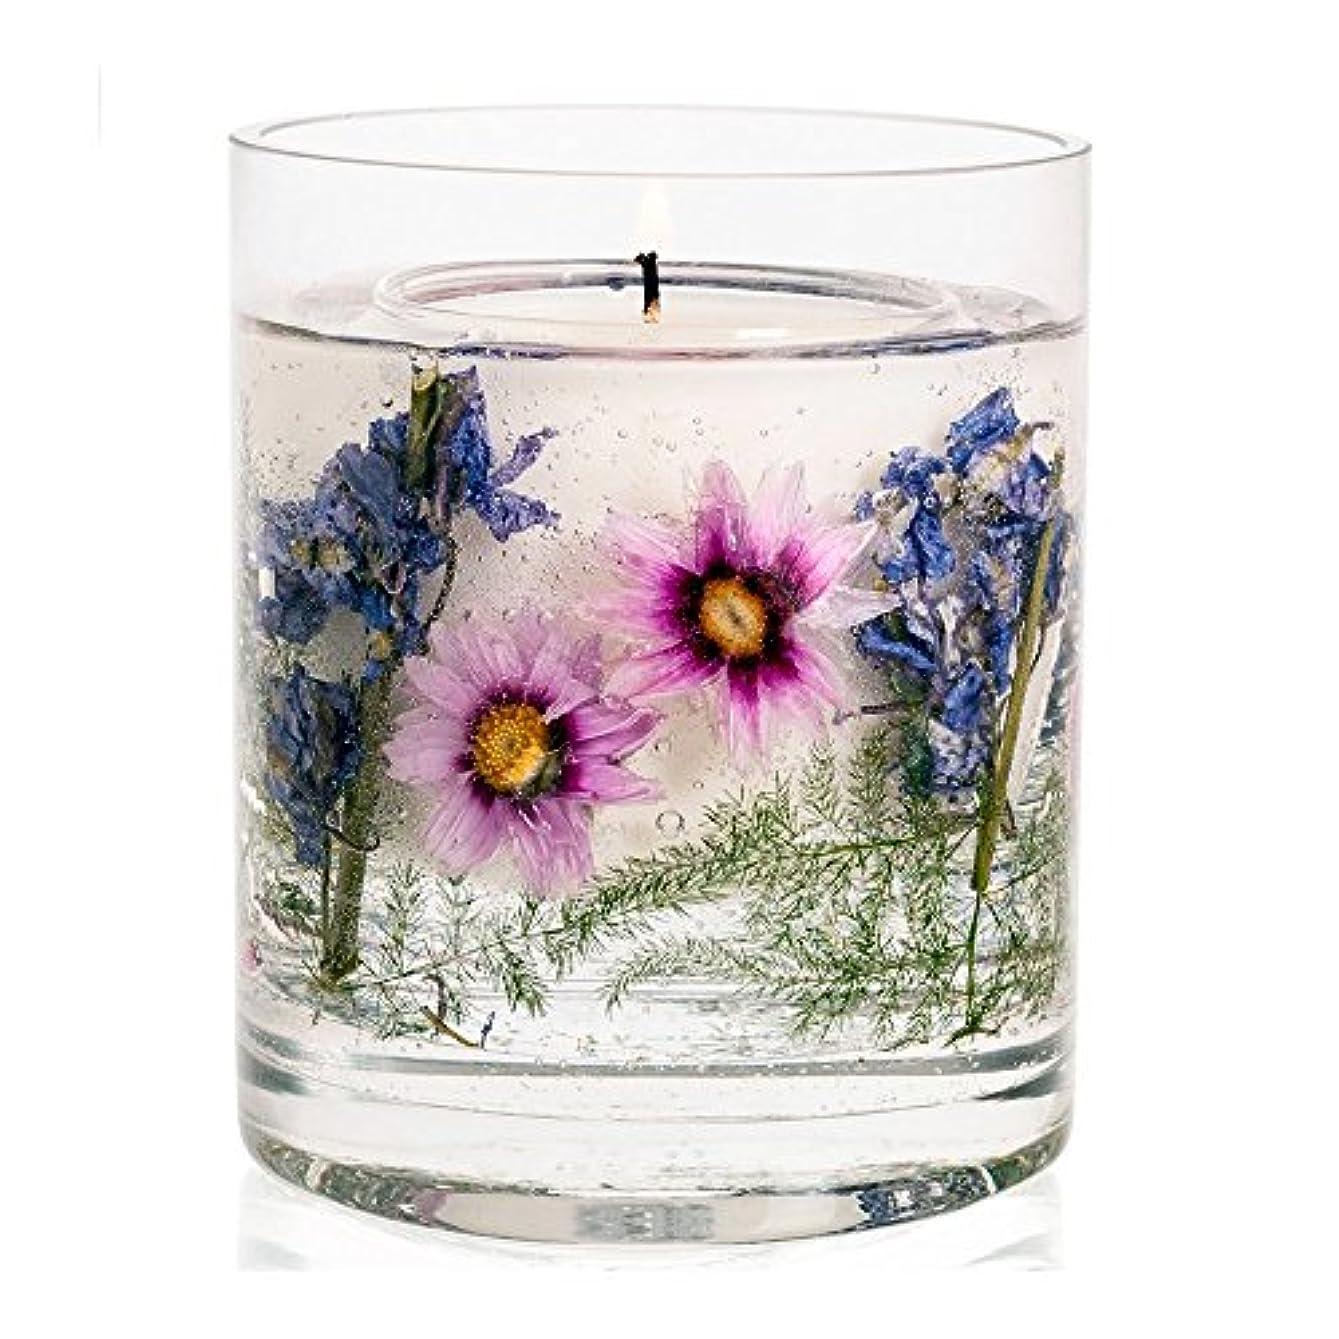 カーテン選出するディレイハーバリウム キャンドルホルダー STONEGLOW ガラス プリザーブドフラワー ジェル アロマキャンドルスタンド (イングリッシュカントリーガーデン)